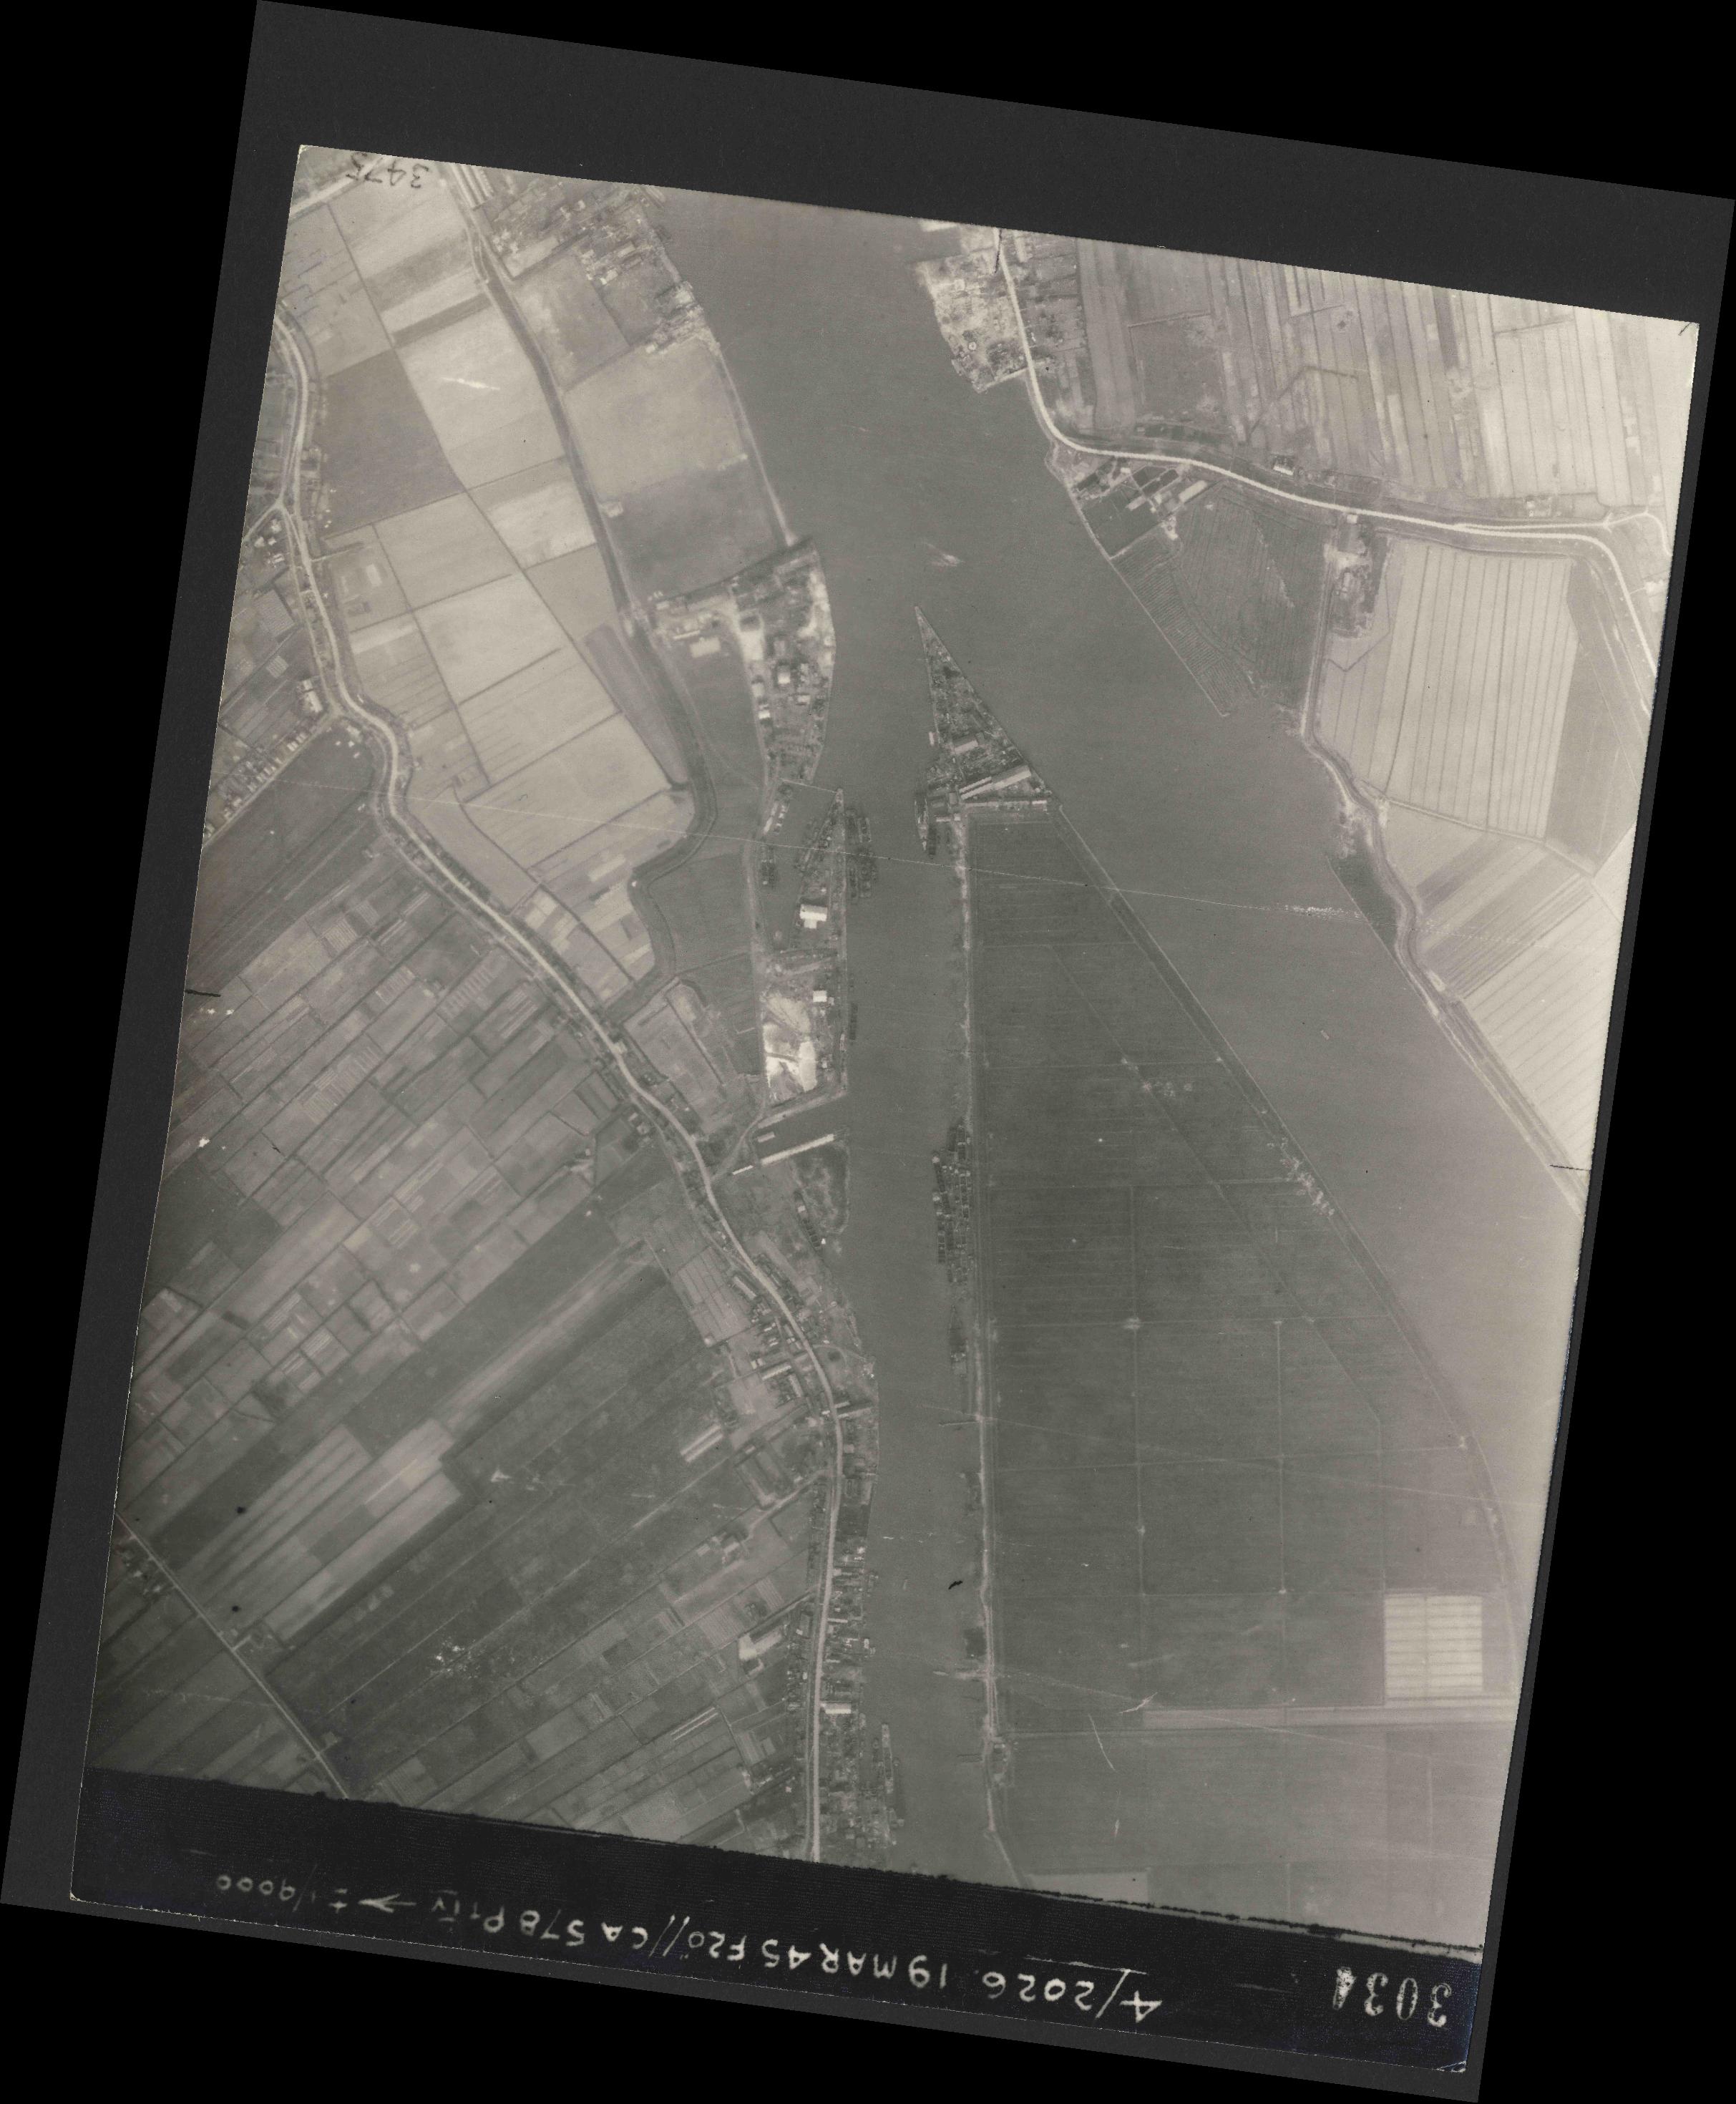 Collection RAF aerial photos 1940-1945 - flight 012, run 04, photo 3034